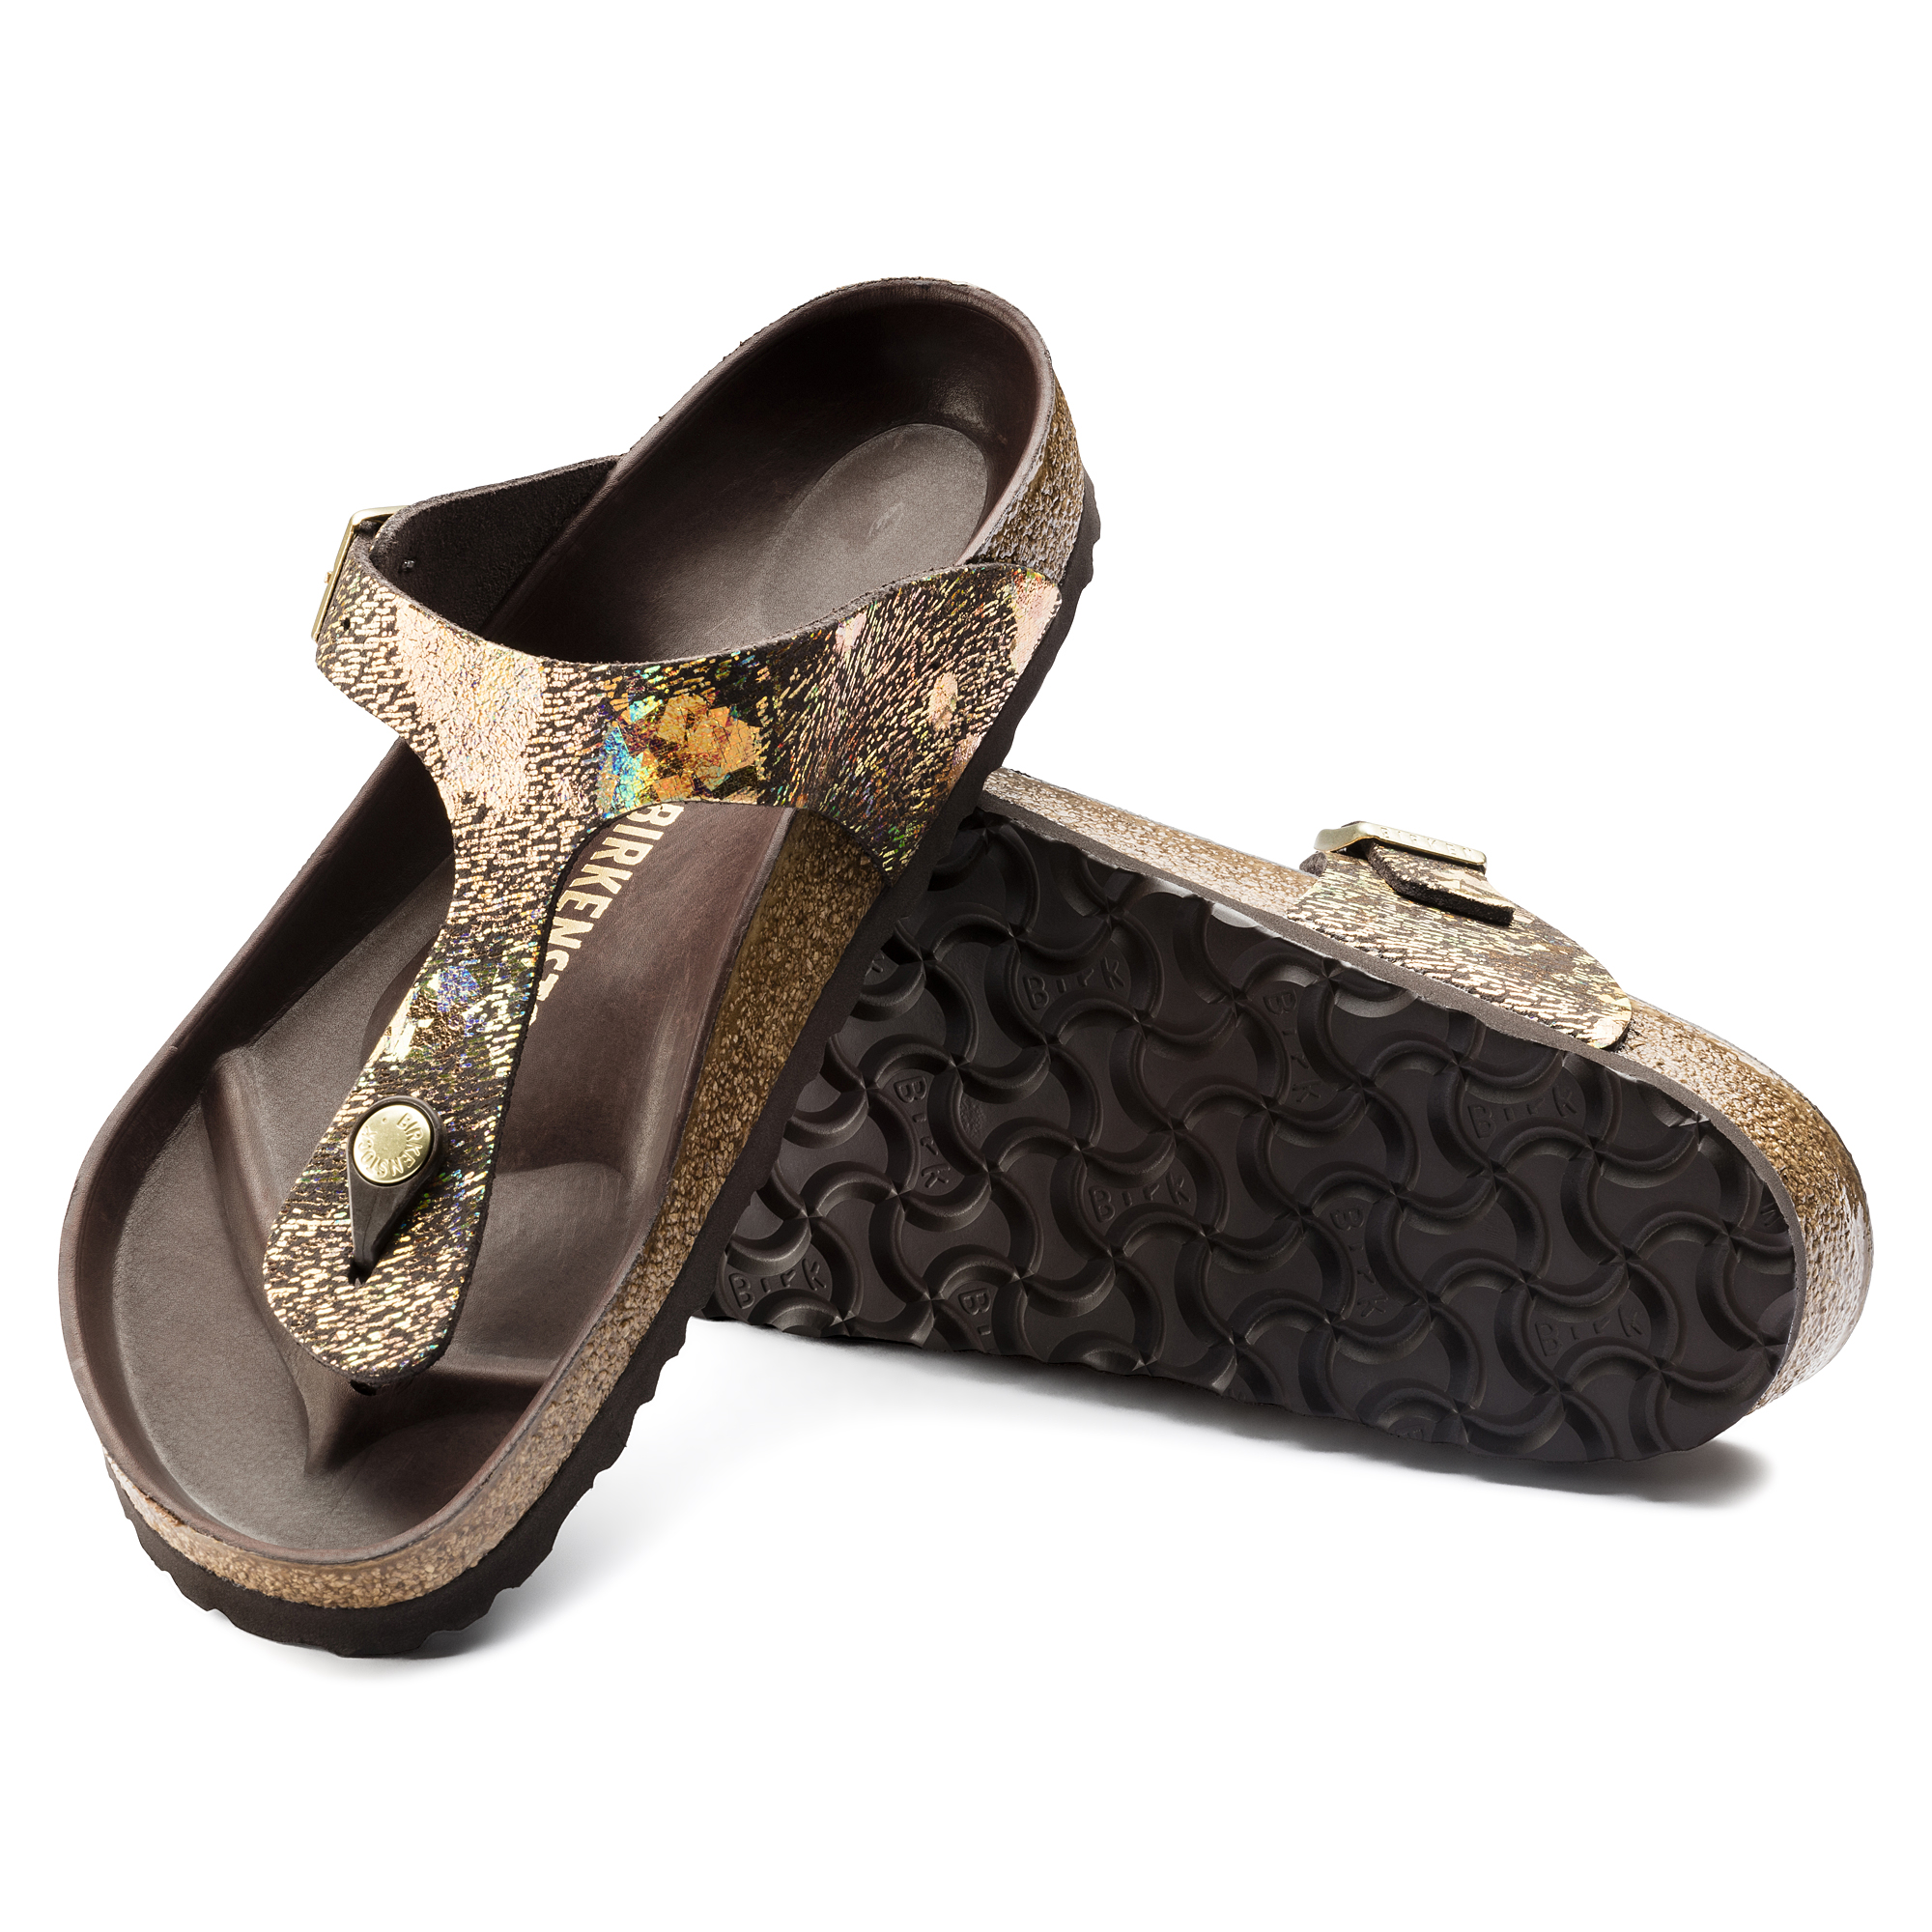 Birkenstock Exquisit Gizeh Spotted Metallic Brown